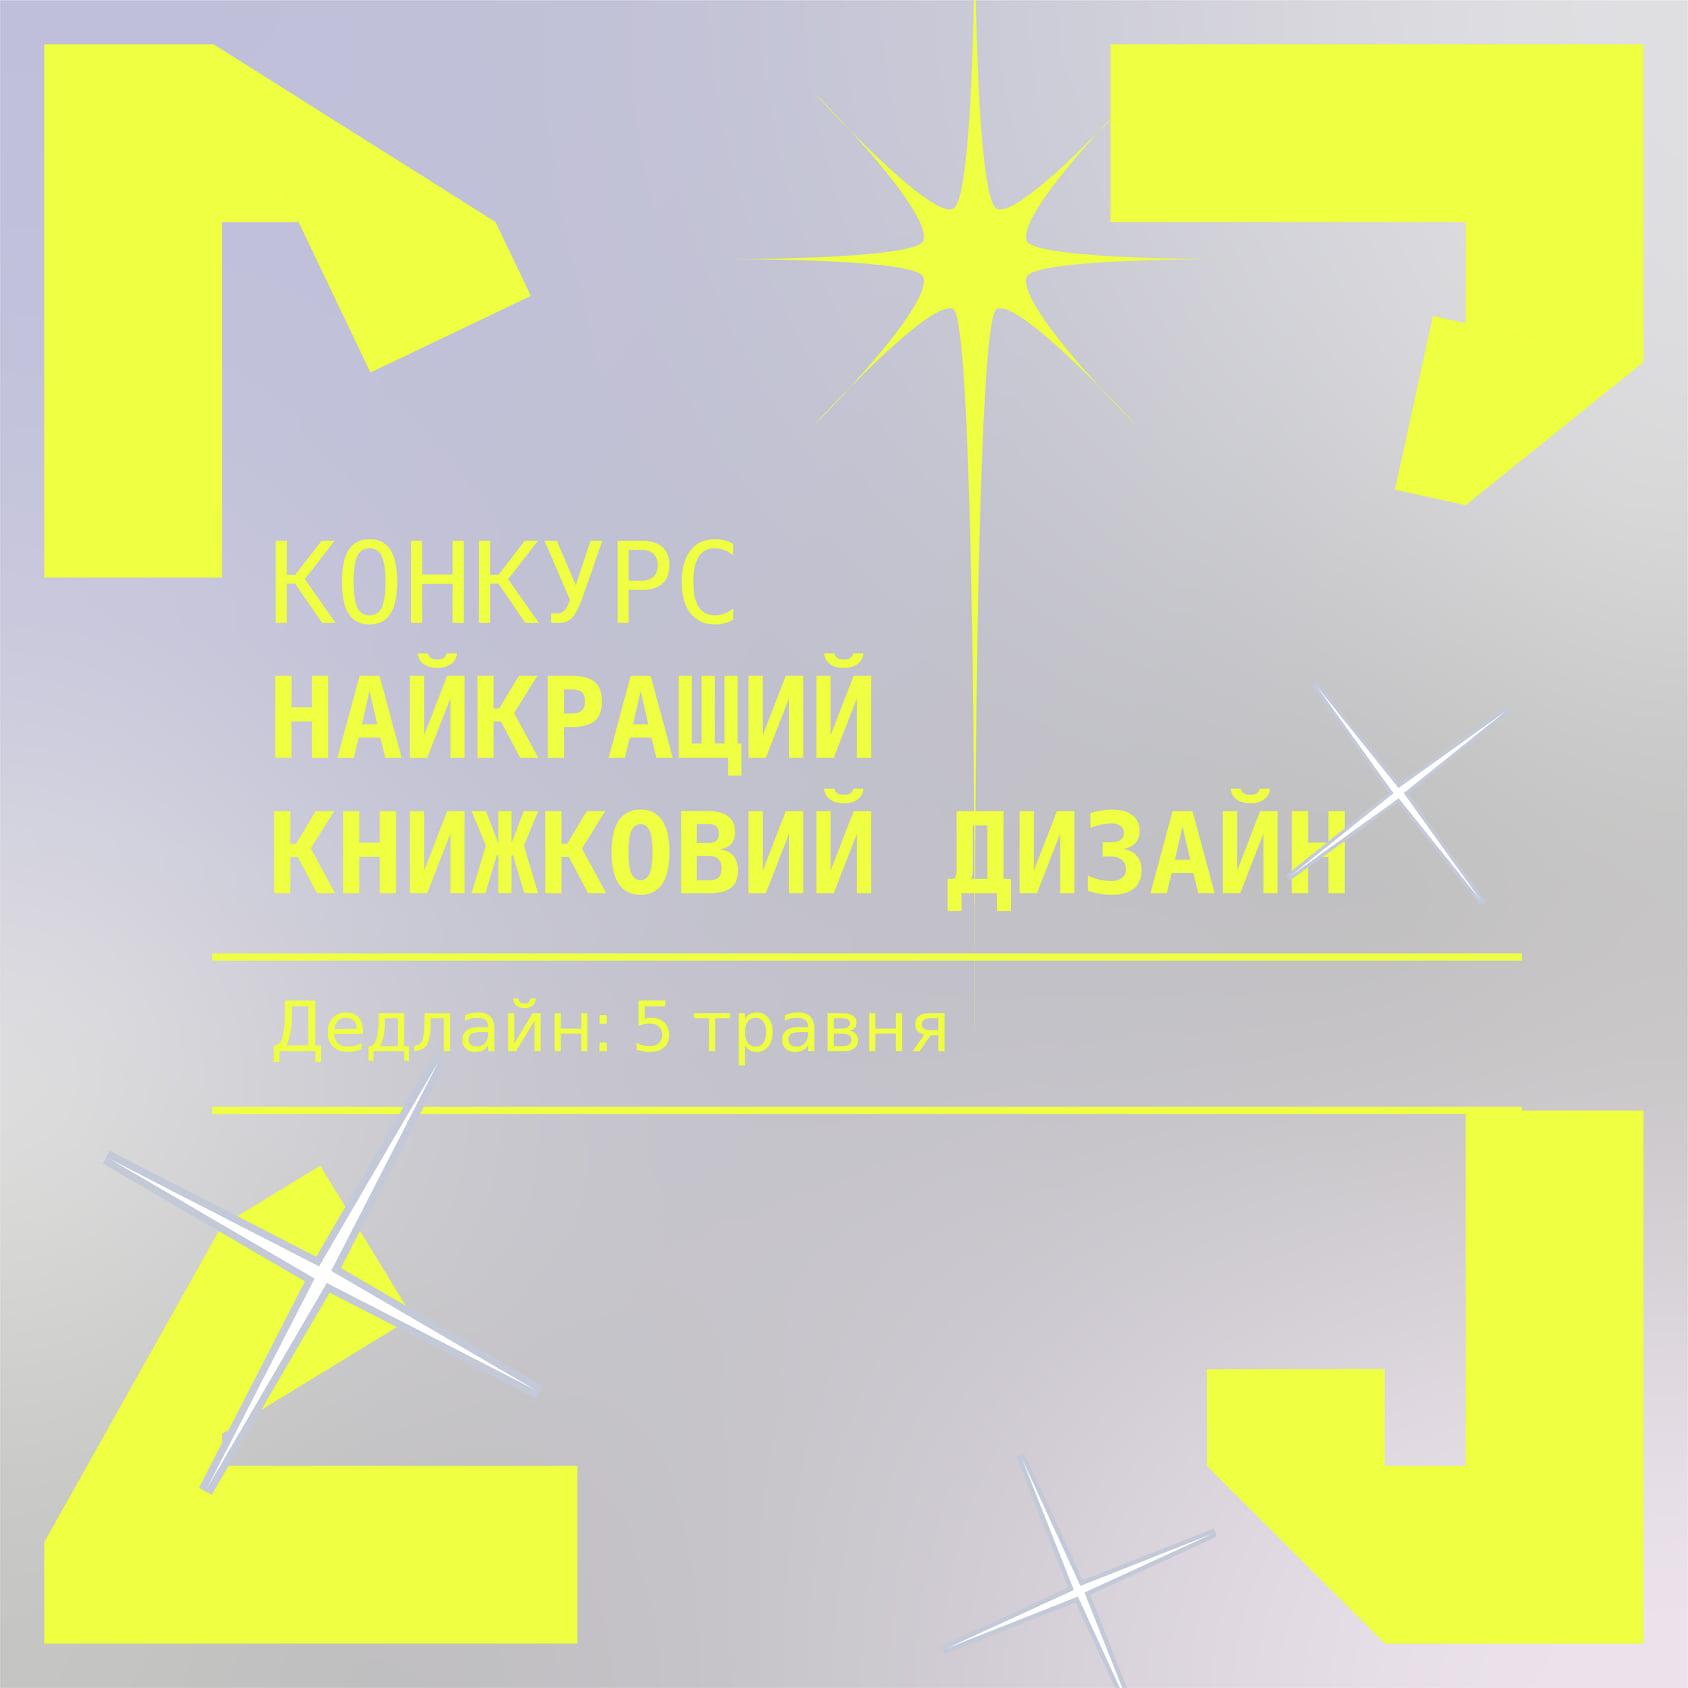 naykrashchiy knizhkoviy dizayn 2021